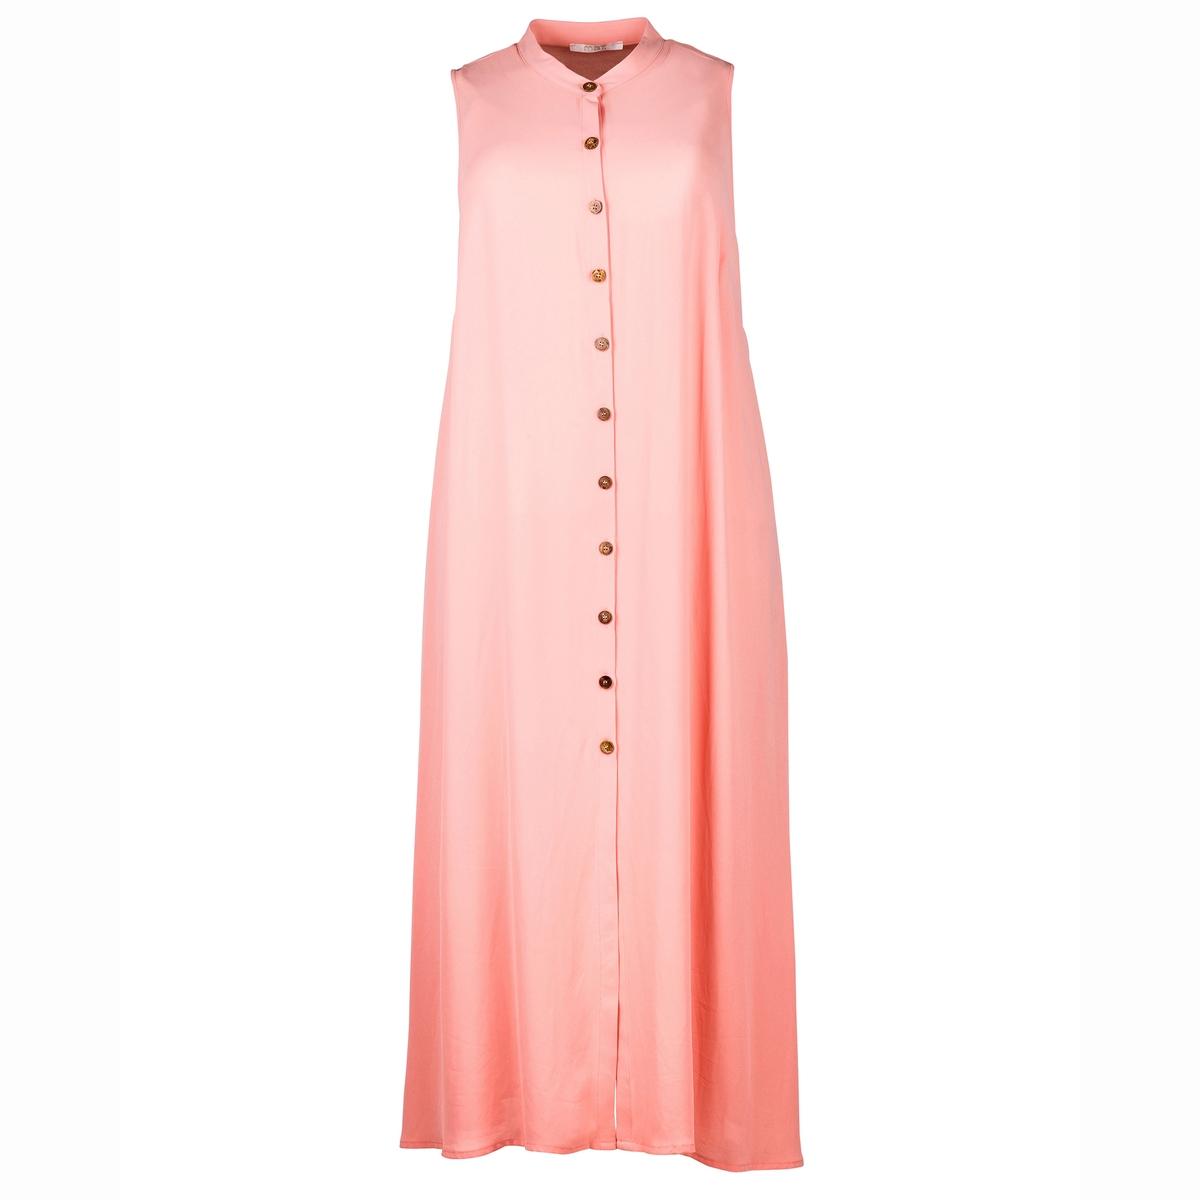 ПлатьеПлатье-рубашка MAT FASHION. Платье без рукавов из монохромной струящейся ткани. 100% полиэстера<br><br>Цвет: коралловый<br>Размер: 44/48.50/54